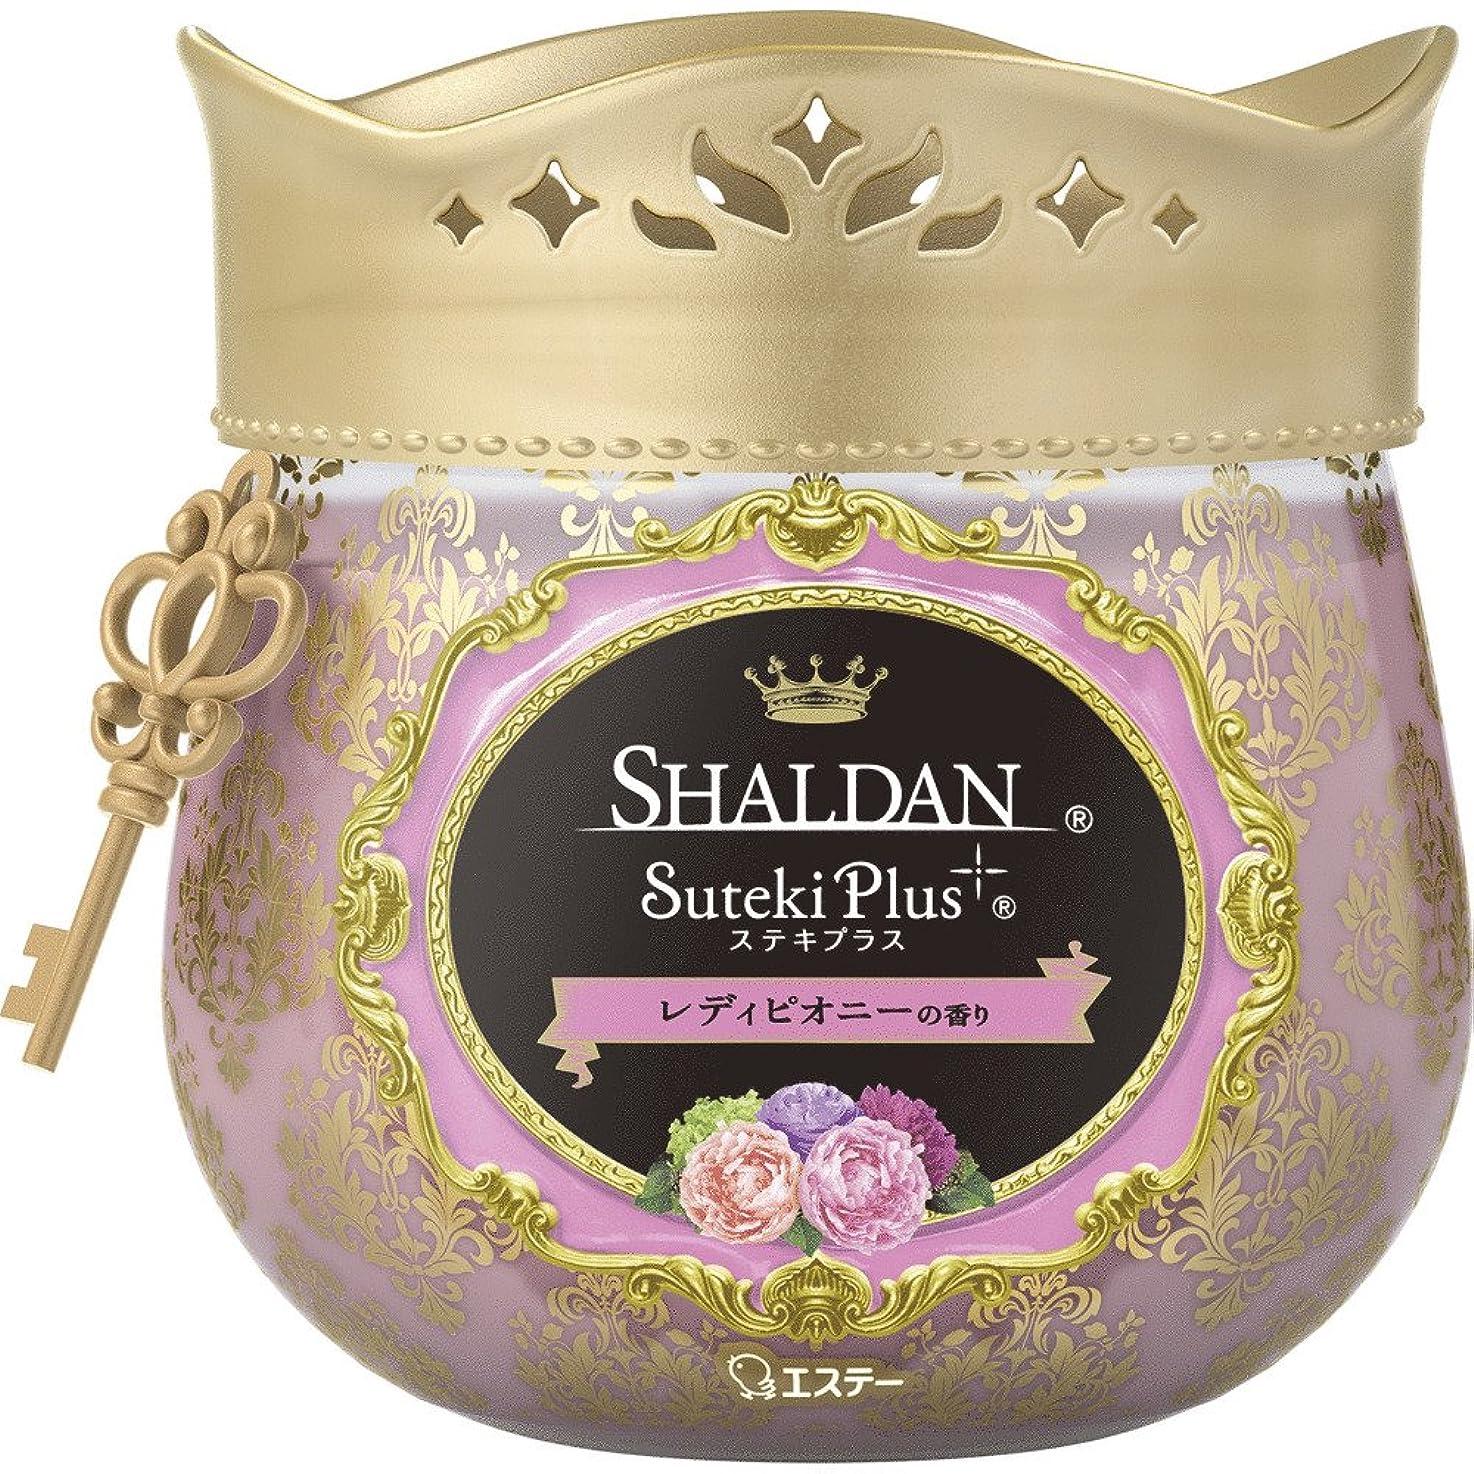 無法者信頼性知事シャルダン SHALDAN ステキプラス 消臭芳香剤 部屋用 レディピオニーの香り 260g